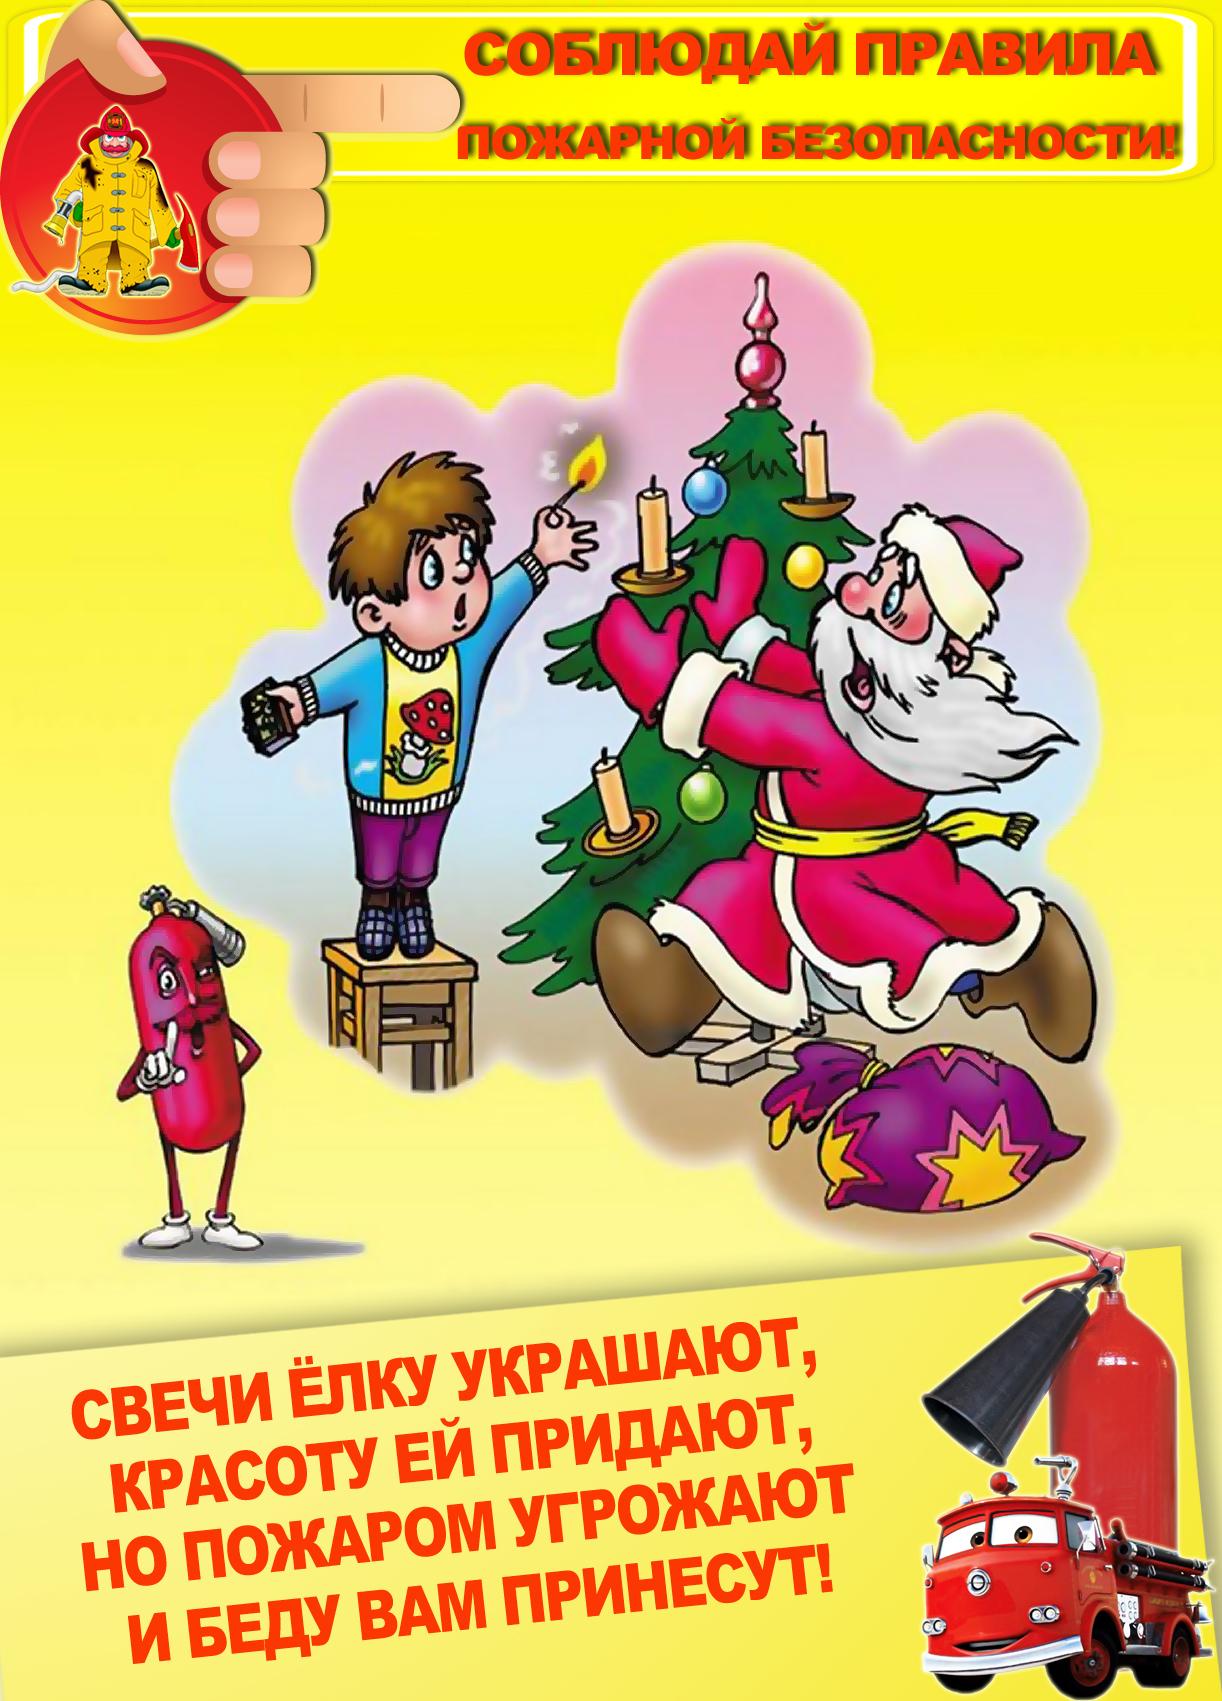 Пожарная безопасность для детей в стихах и картинках